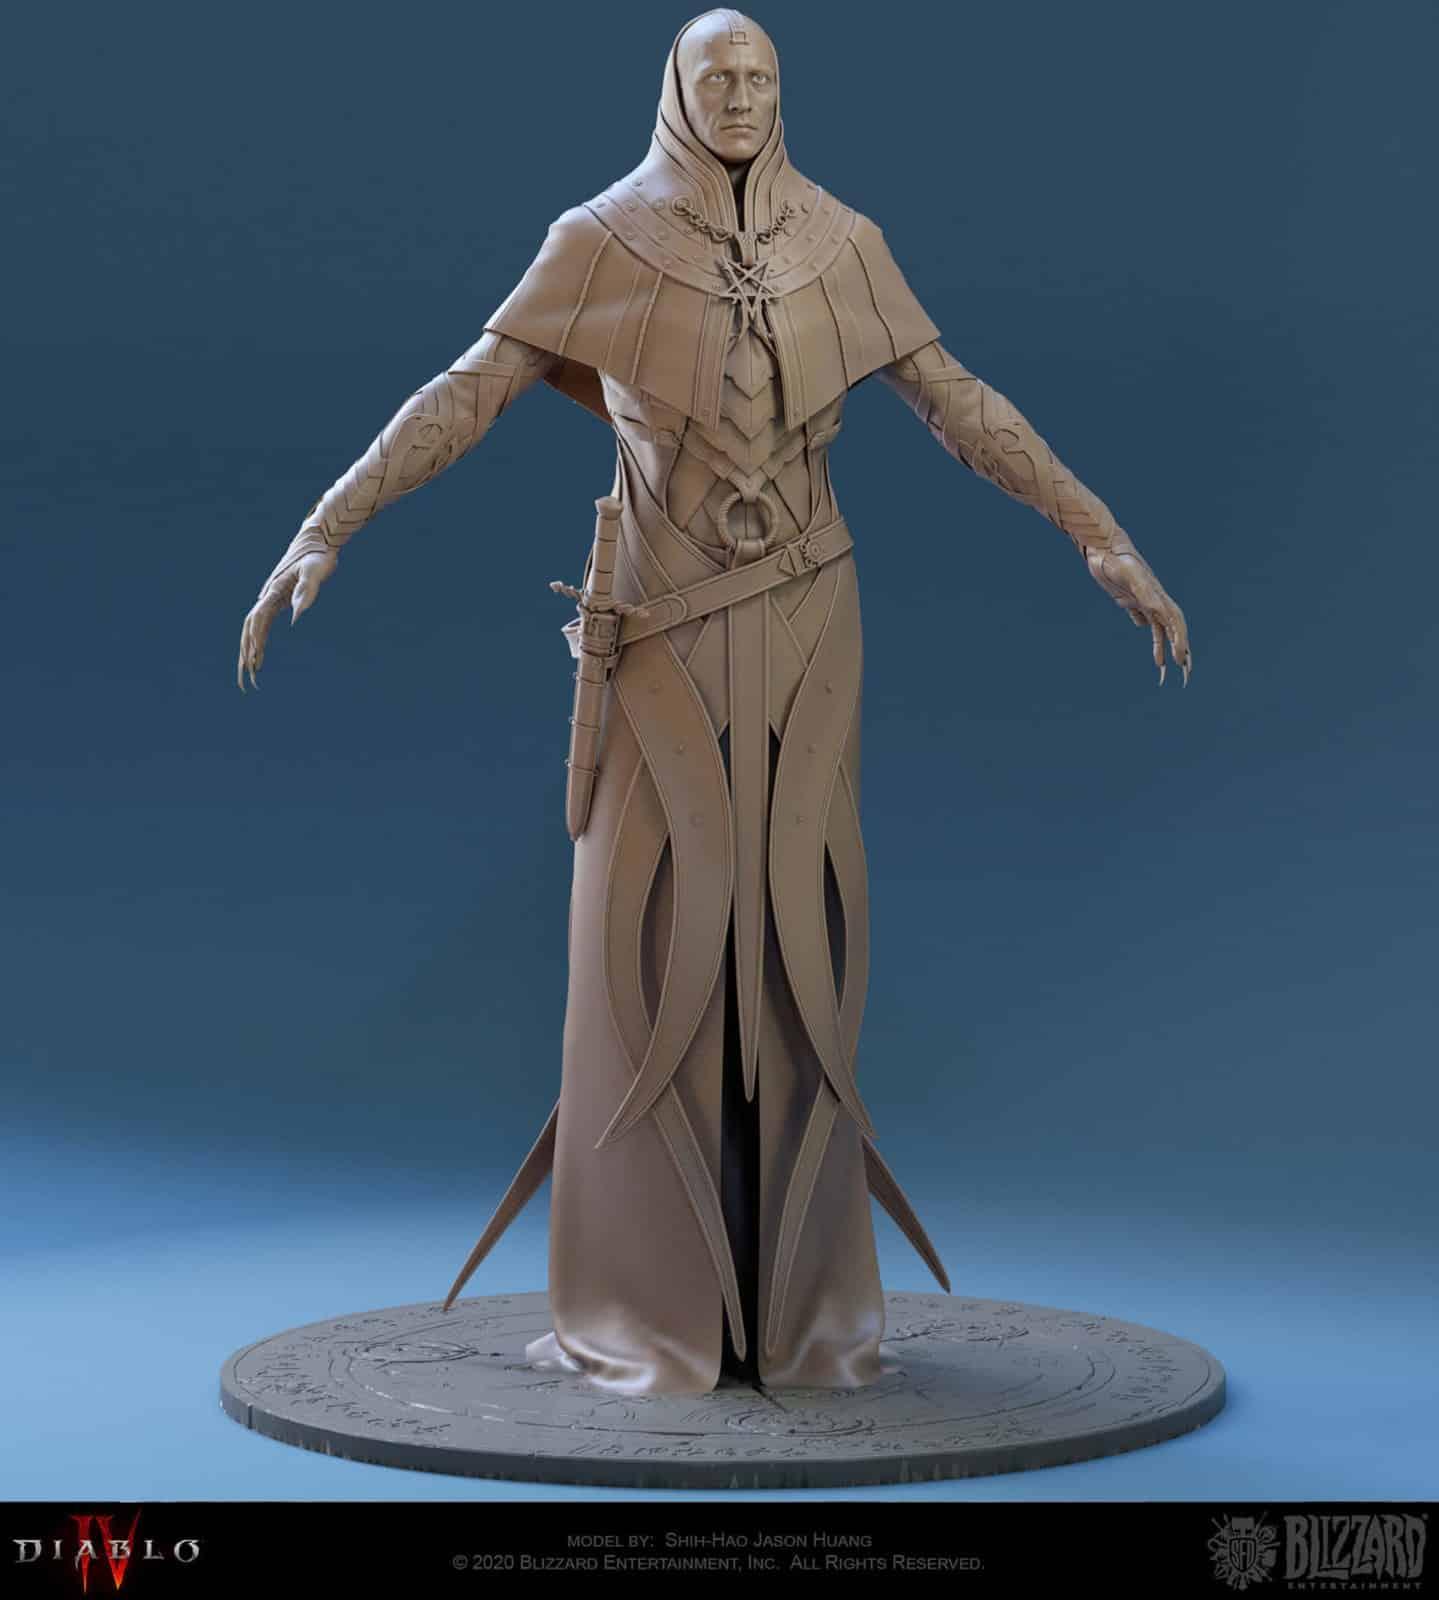 In tre discendono uomo incapucciato Diablo 4 personaggio intero fronte